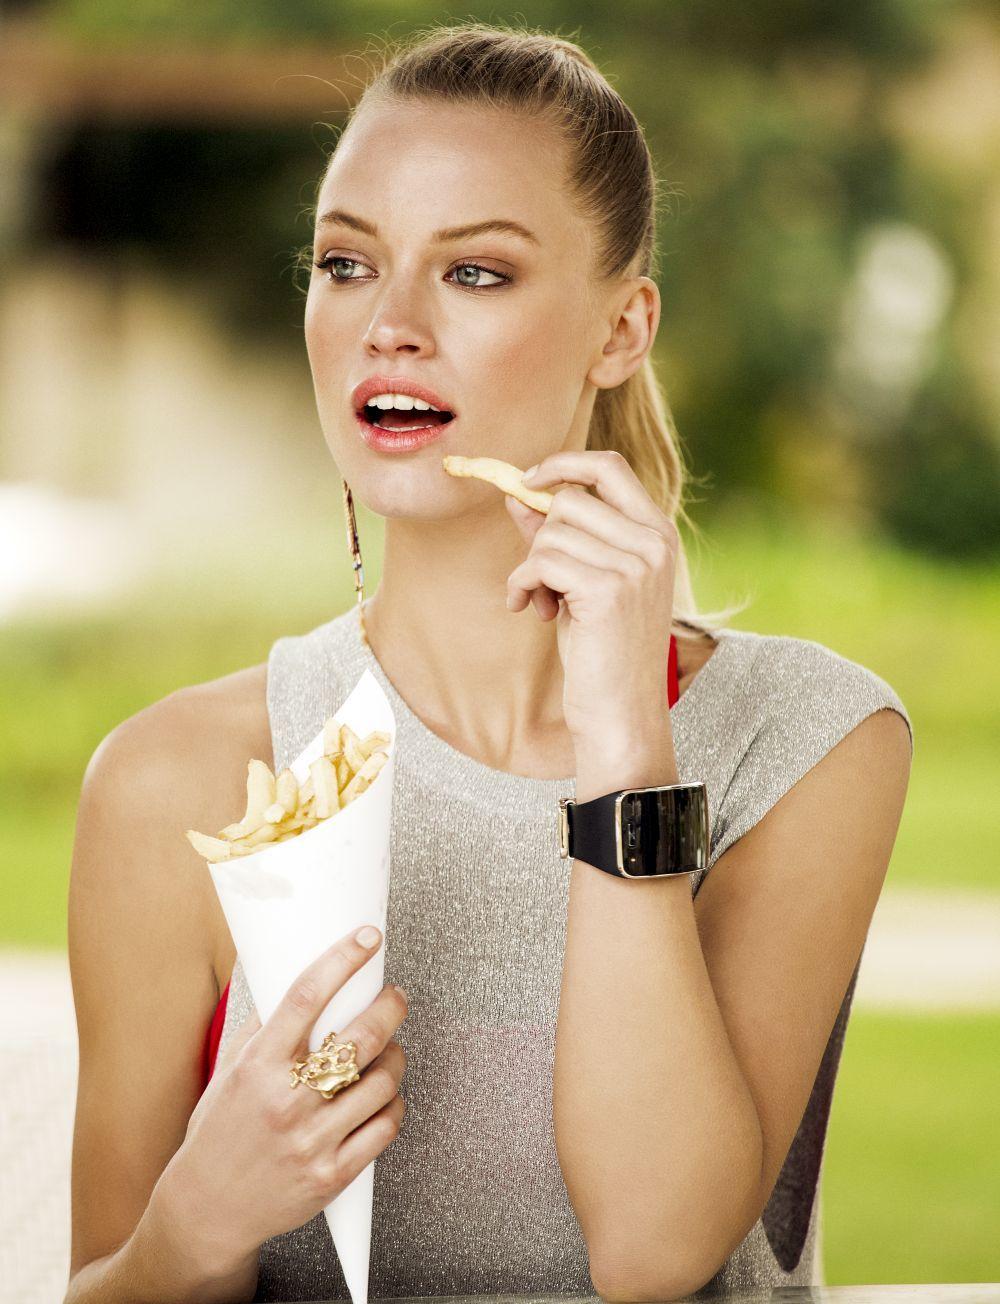 Las patatas fritas son uno de los alimentos que no deberías comer en...